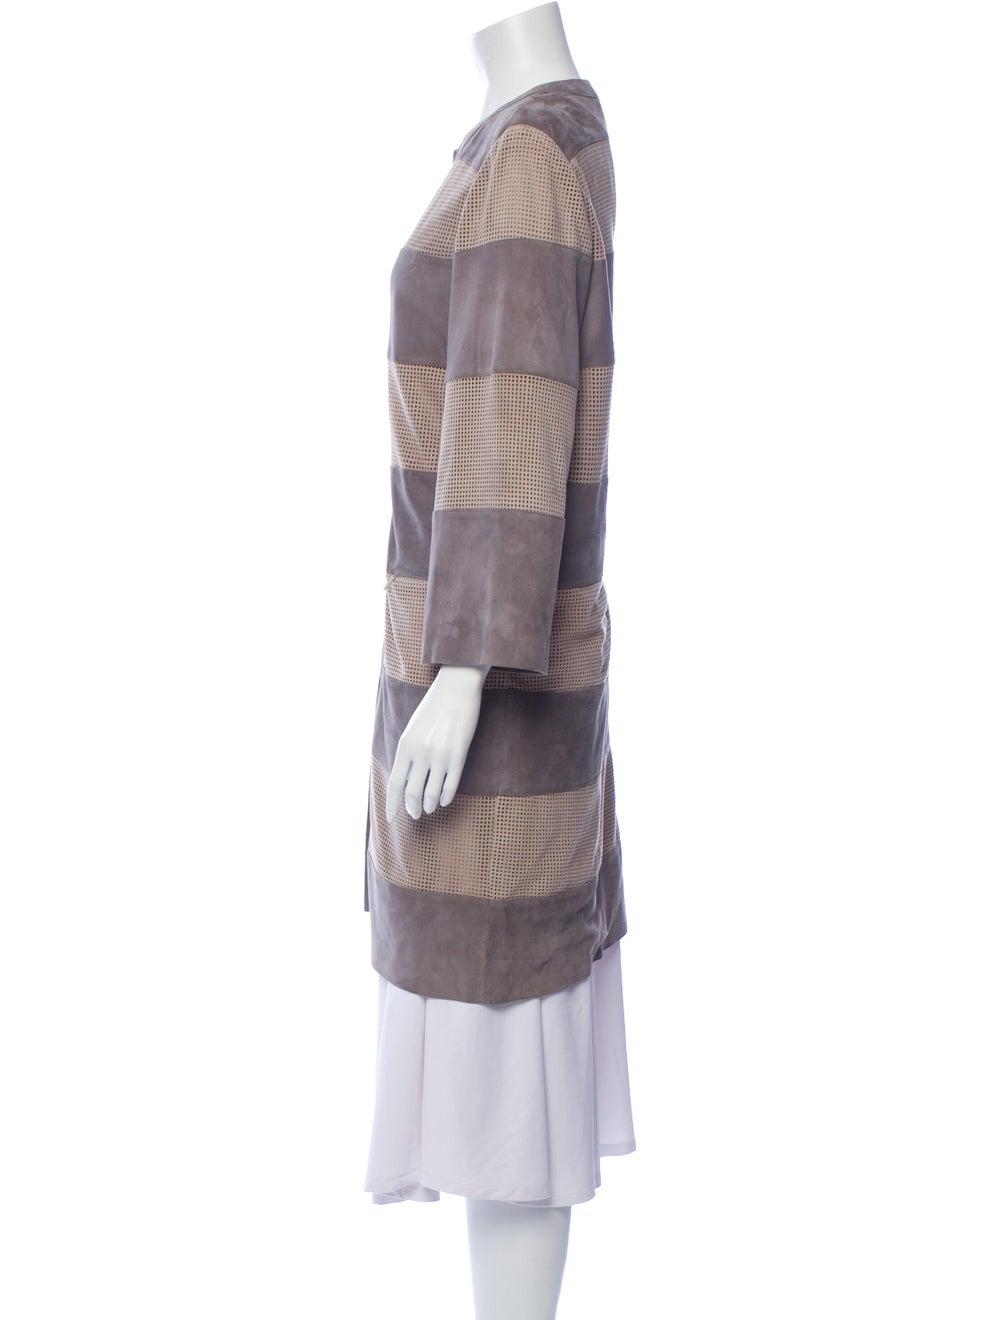 Davide Cenci Striped Coat Grey - image 2